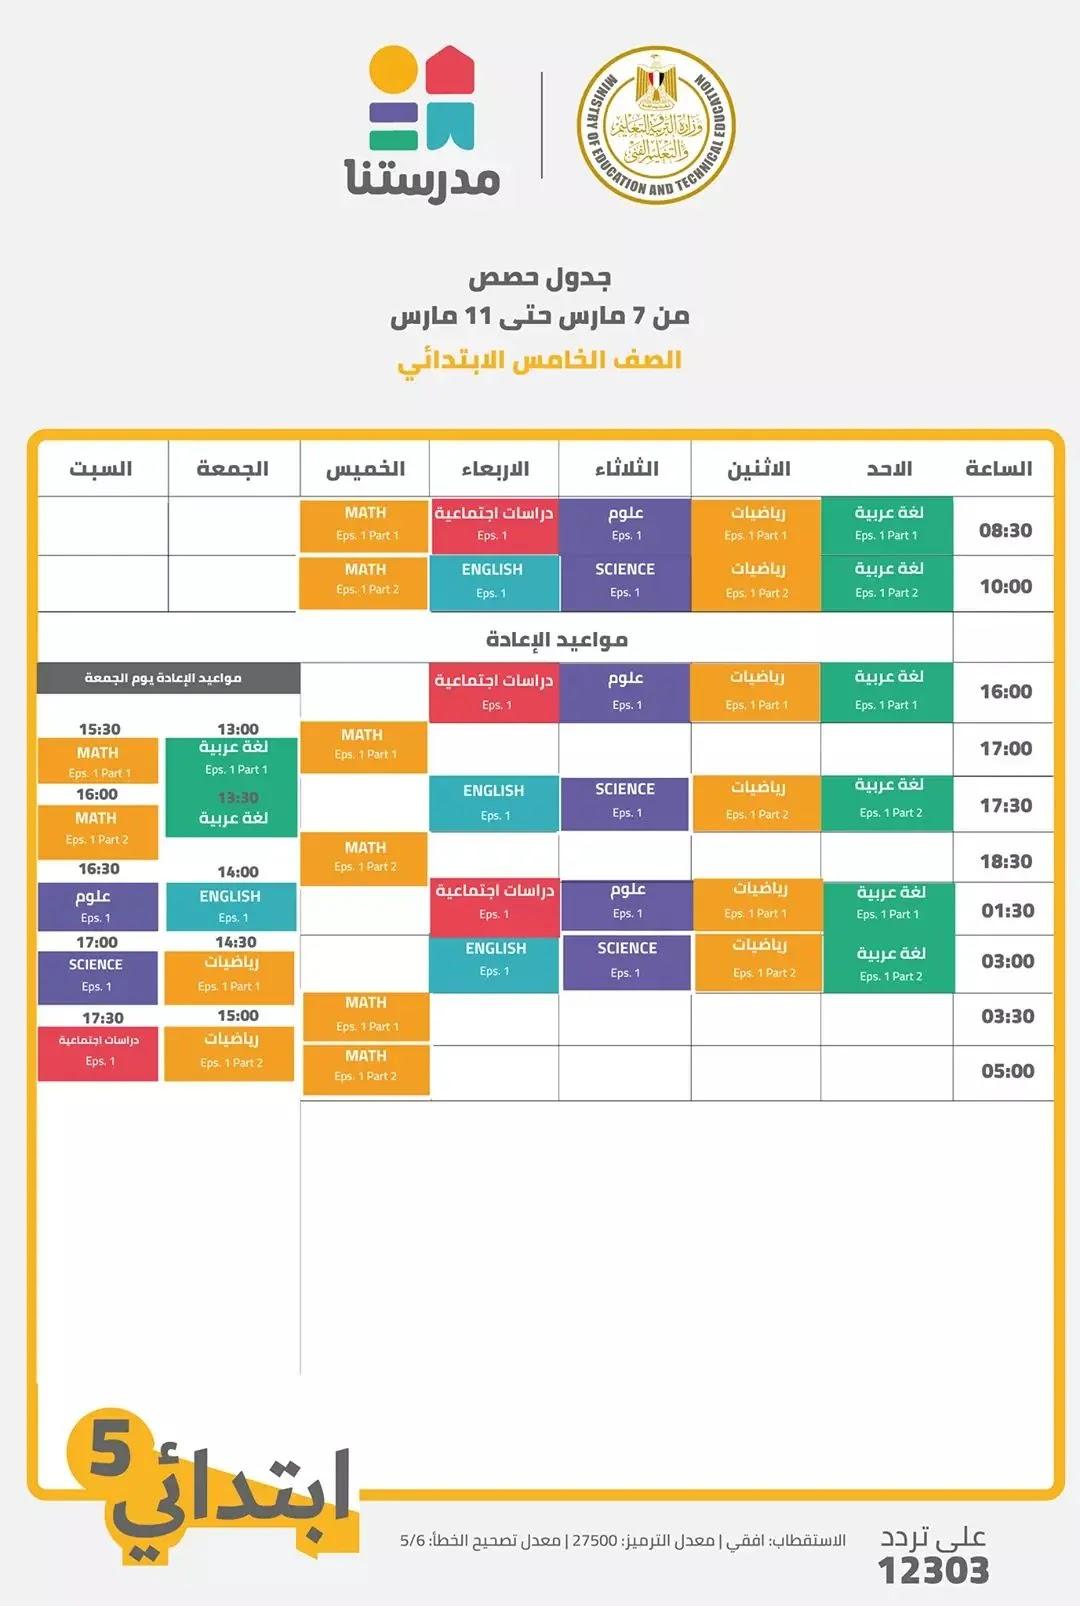 جدول قناة مدرستنا الصف الخامس الابتدائي الفترة 7 الي 11 مارس